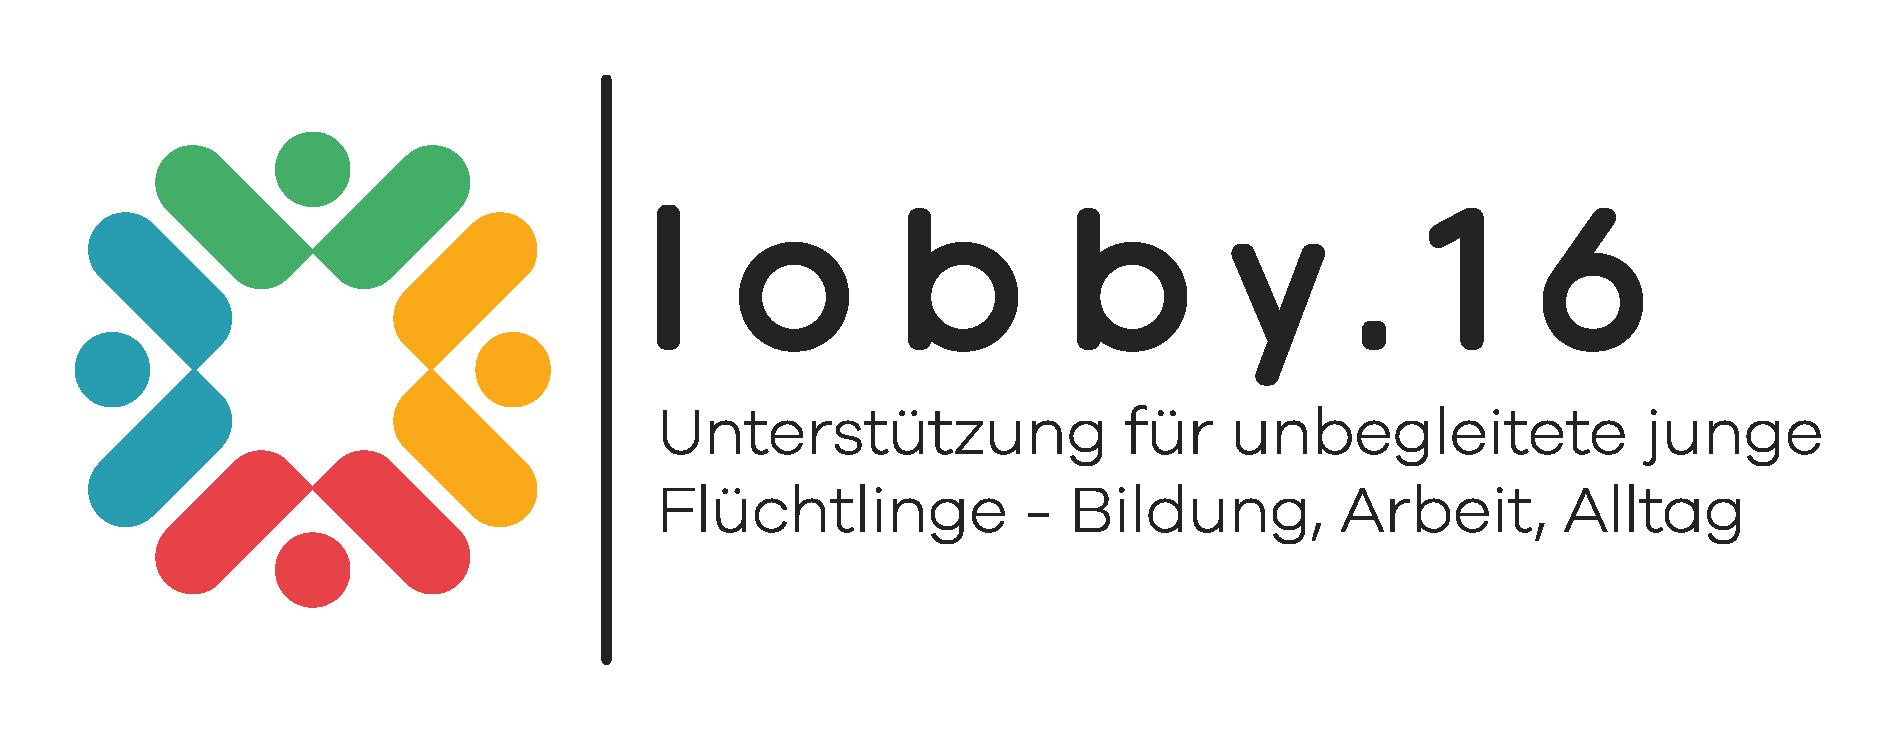 start-with-a-friend-austria-unterstuetzer-lobby16